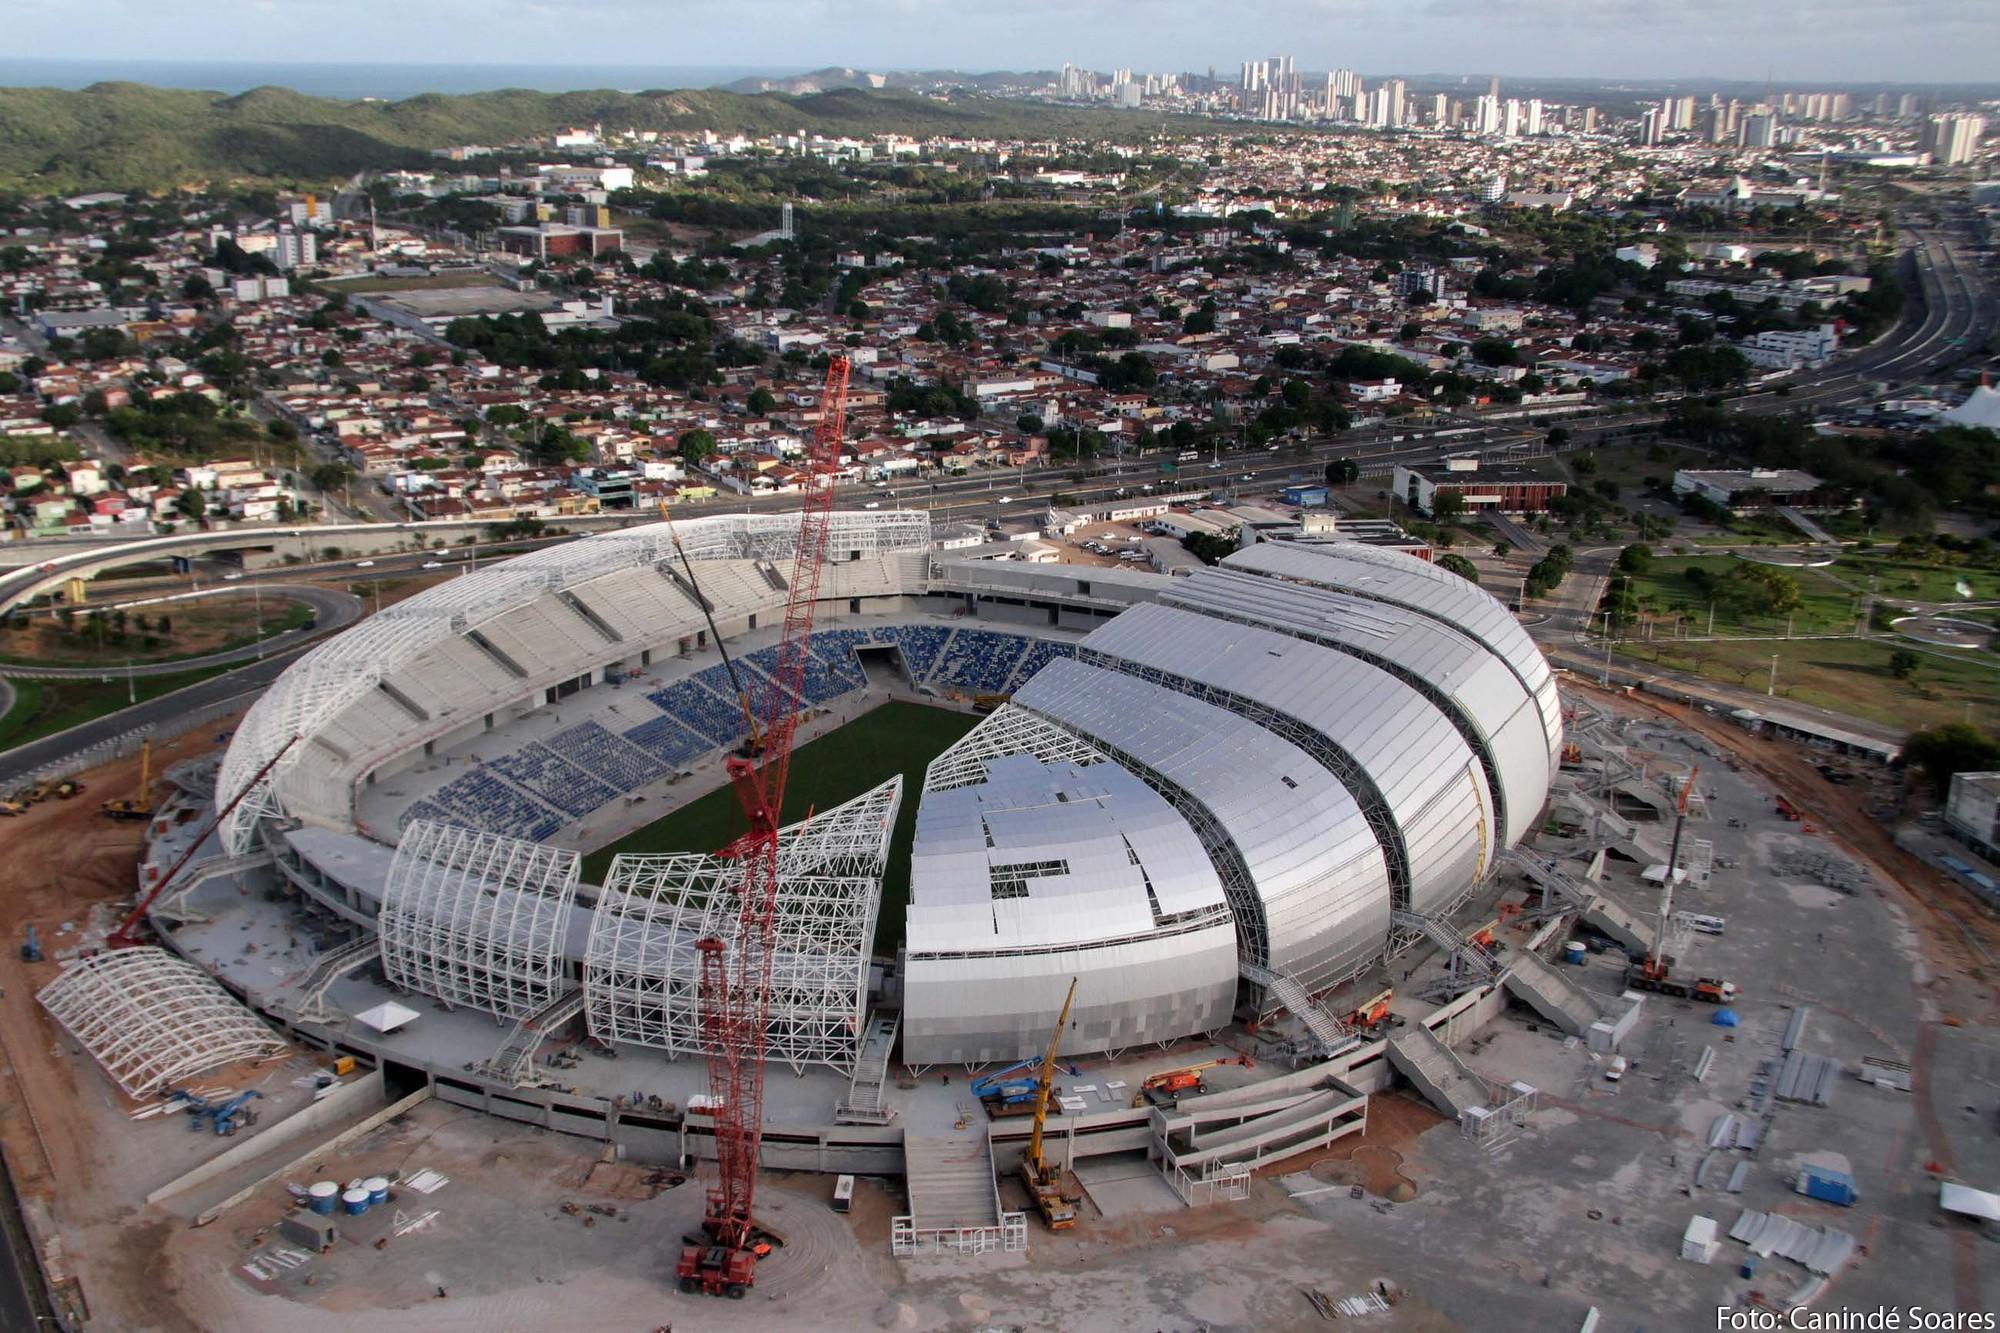 Arena Das Dunas . Image © Canindé Soares